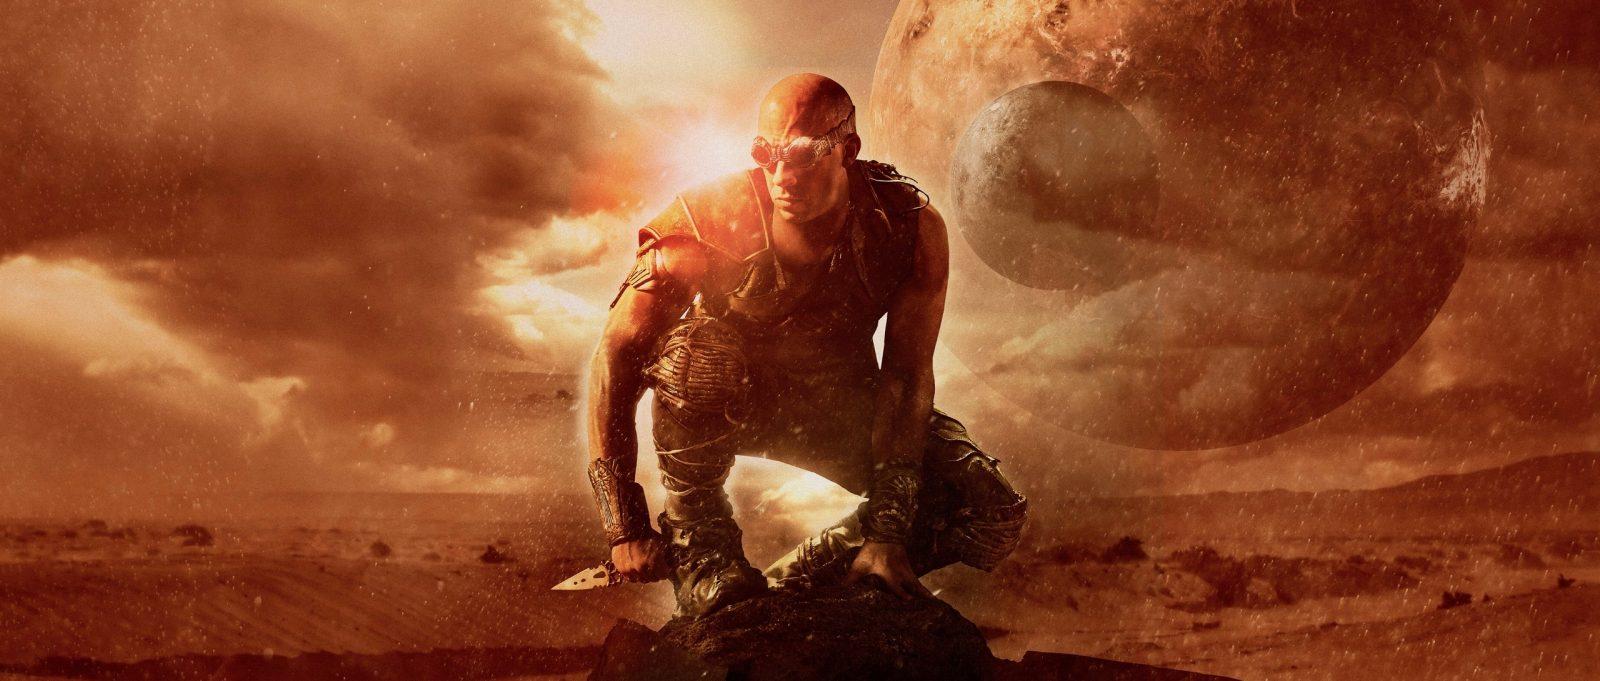 Вин Дизель пообещал продолжение фильмов «Риддик» и «Три икса»